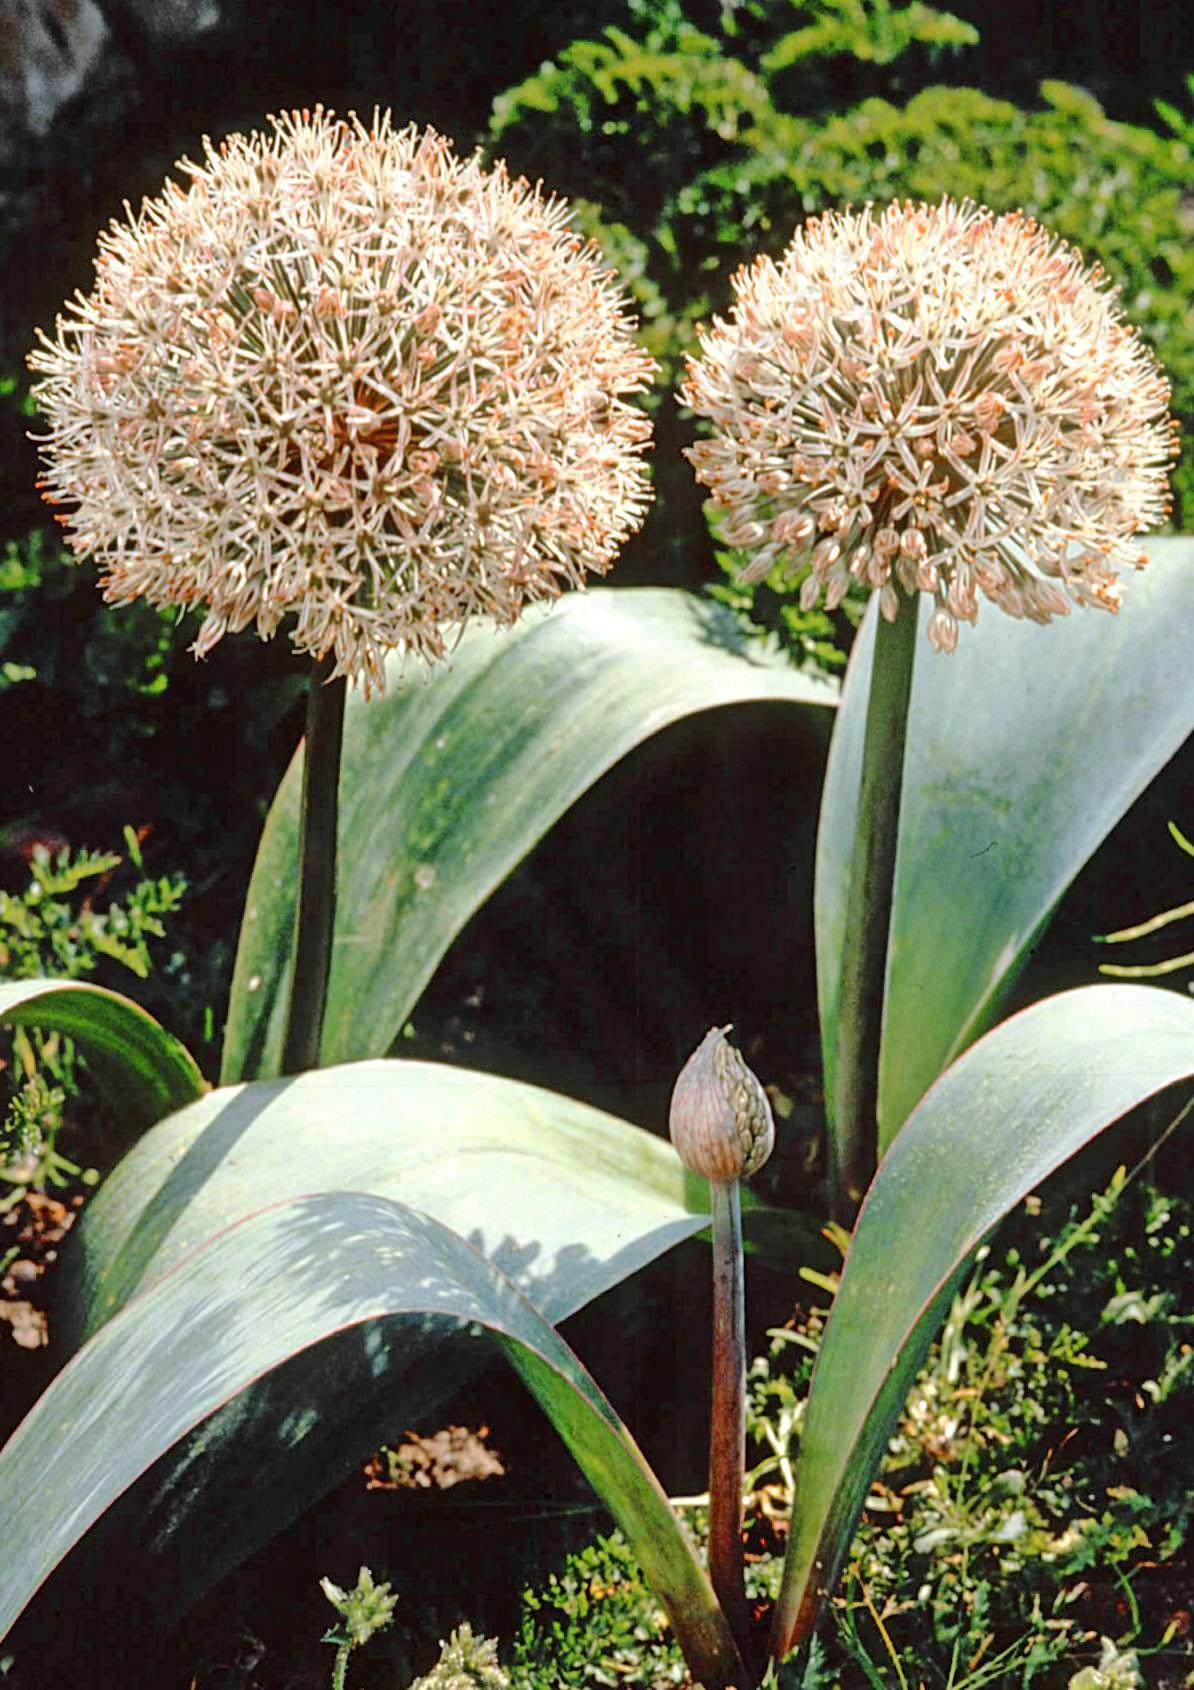 Mit Blüten in blau, lila oder weiß präsentiert sich der Zierlauch.